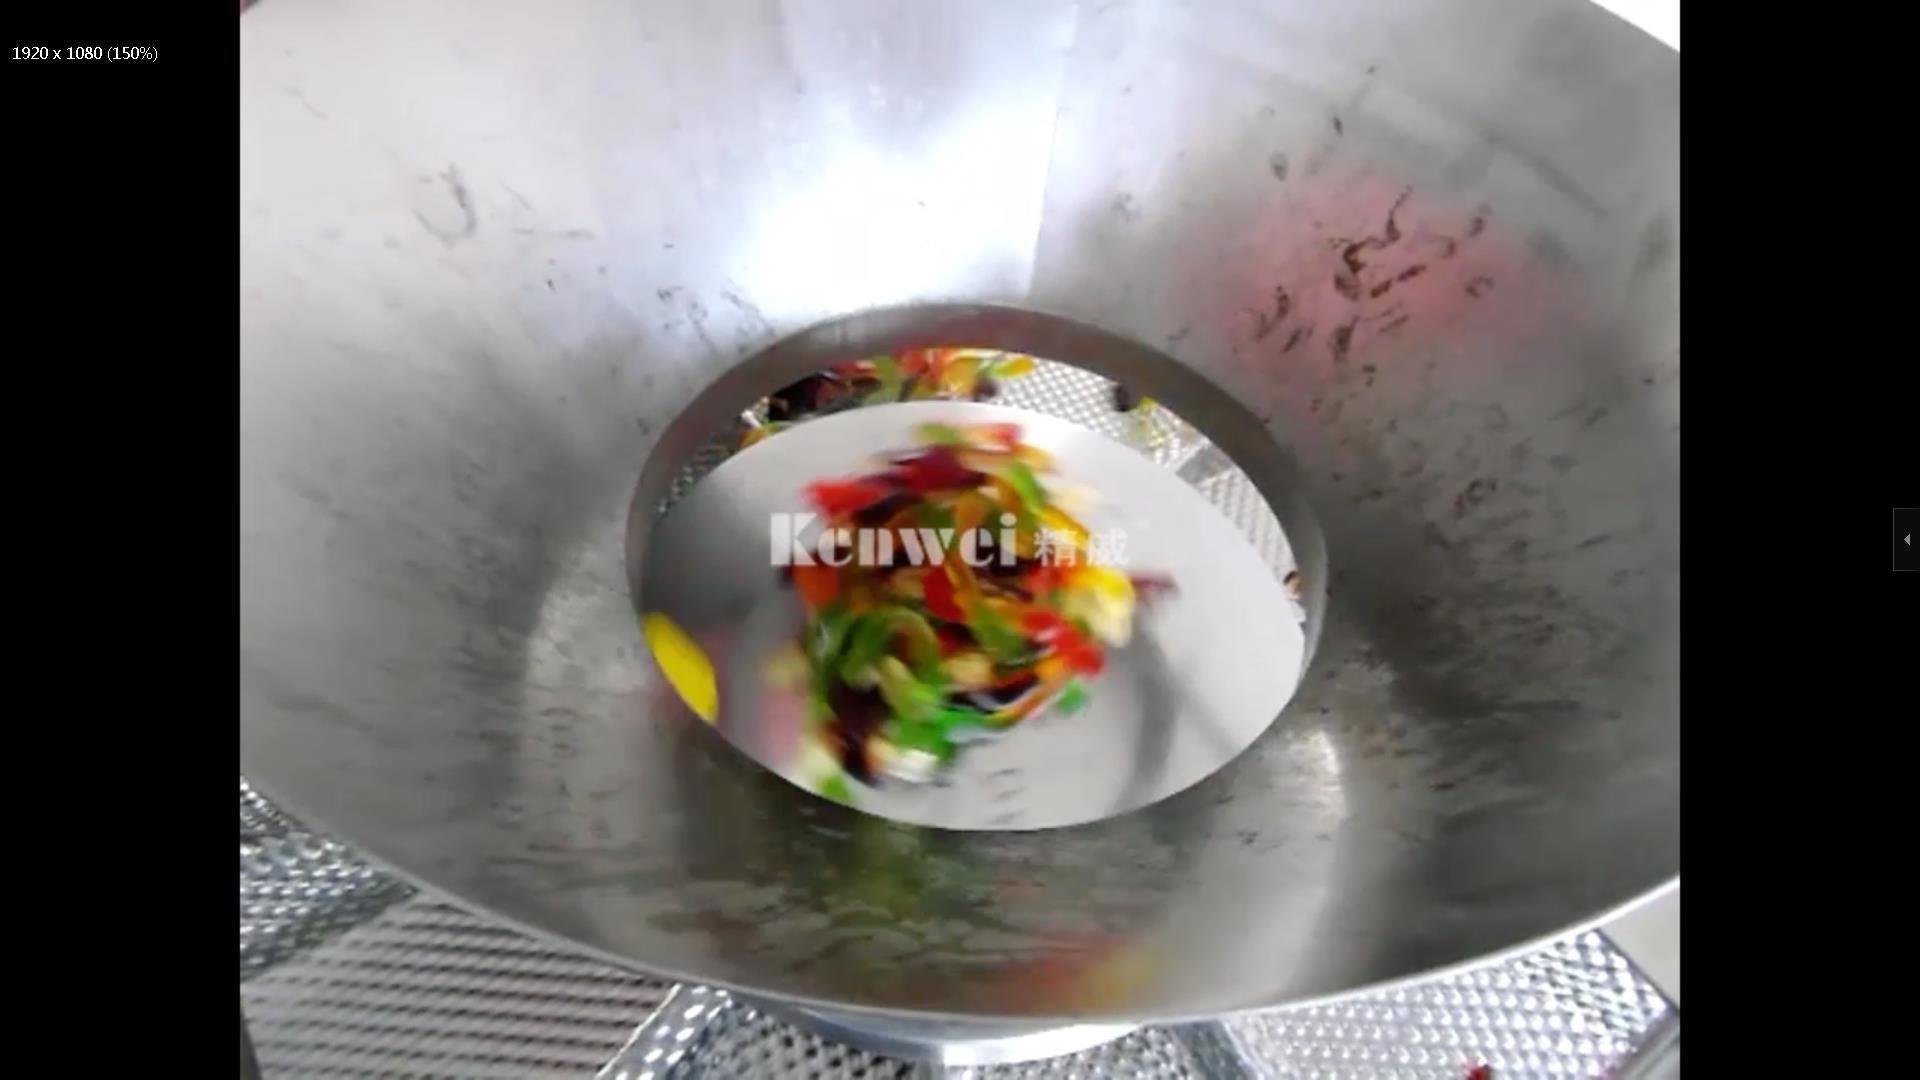 Kenwei  Array image48